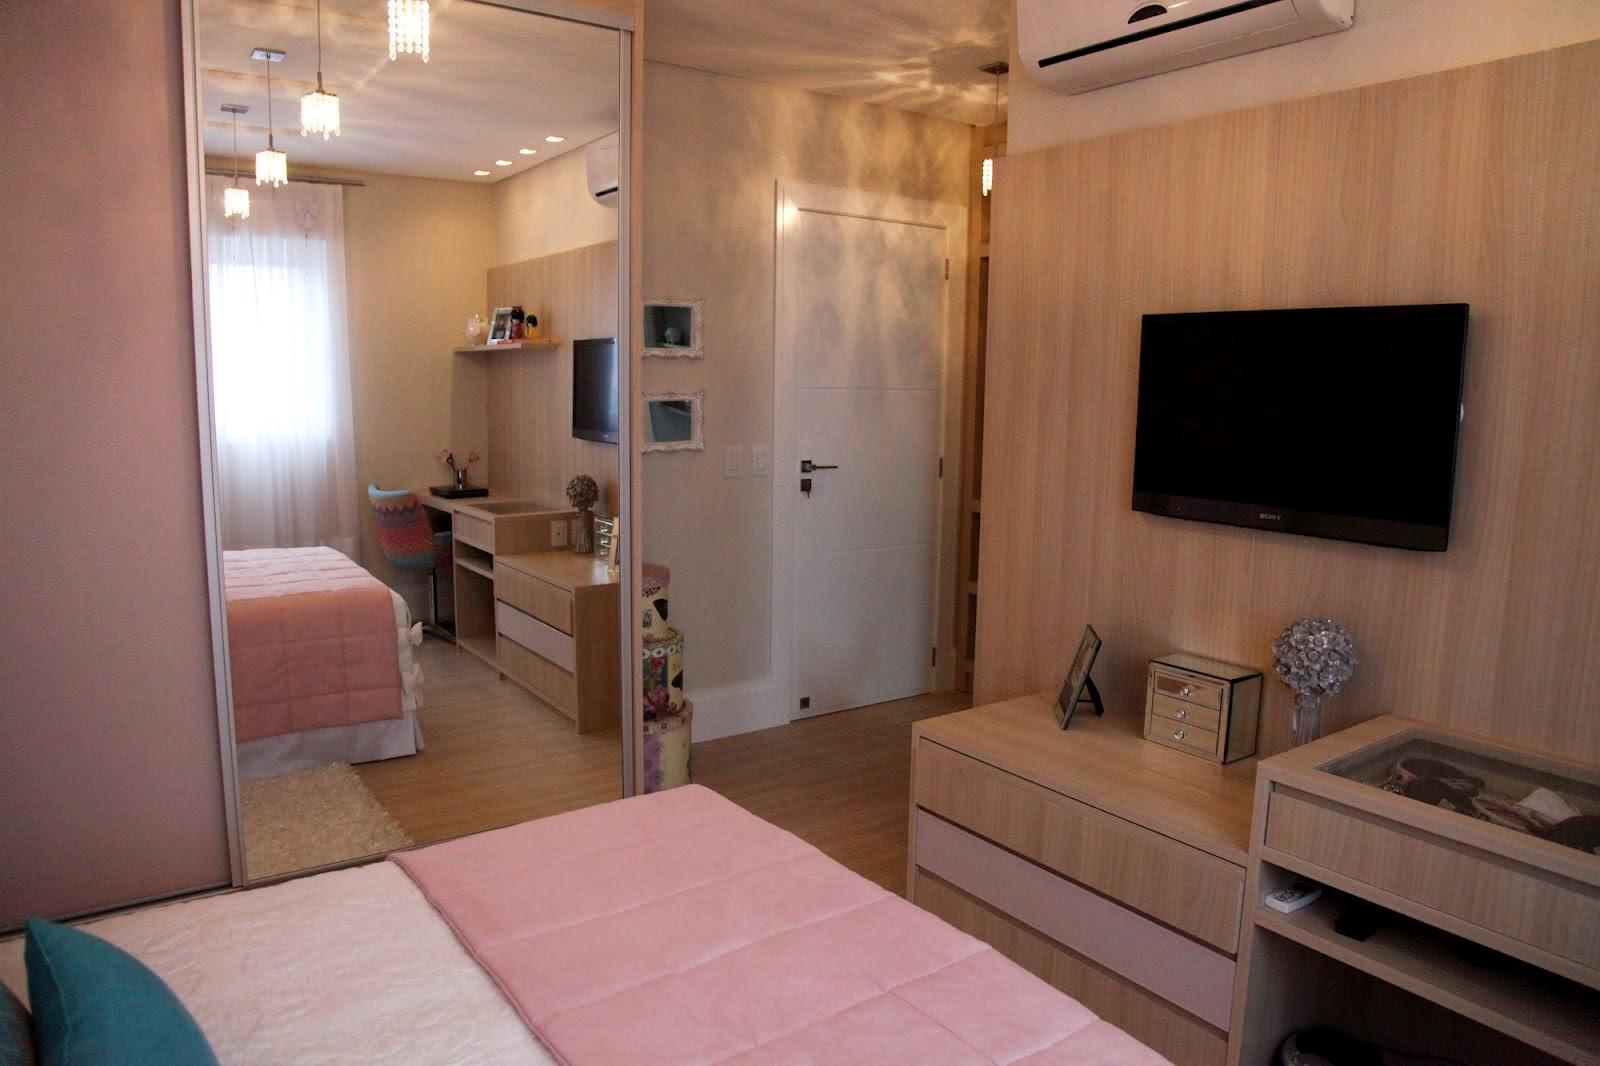 #8D613E  Palácio de 64m²: Apartamento Decorado Moderno e cheio de charme 1600x1066 píxeis em Apartamento Moderno Decorado